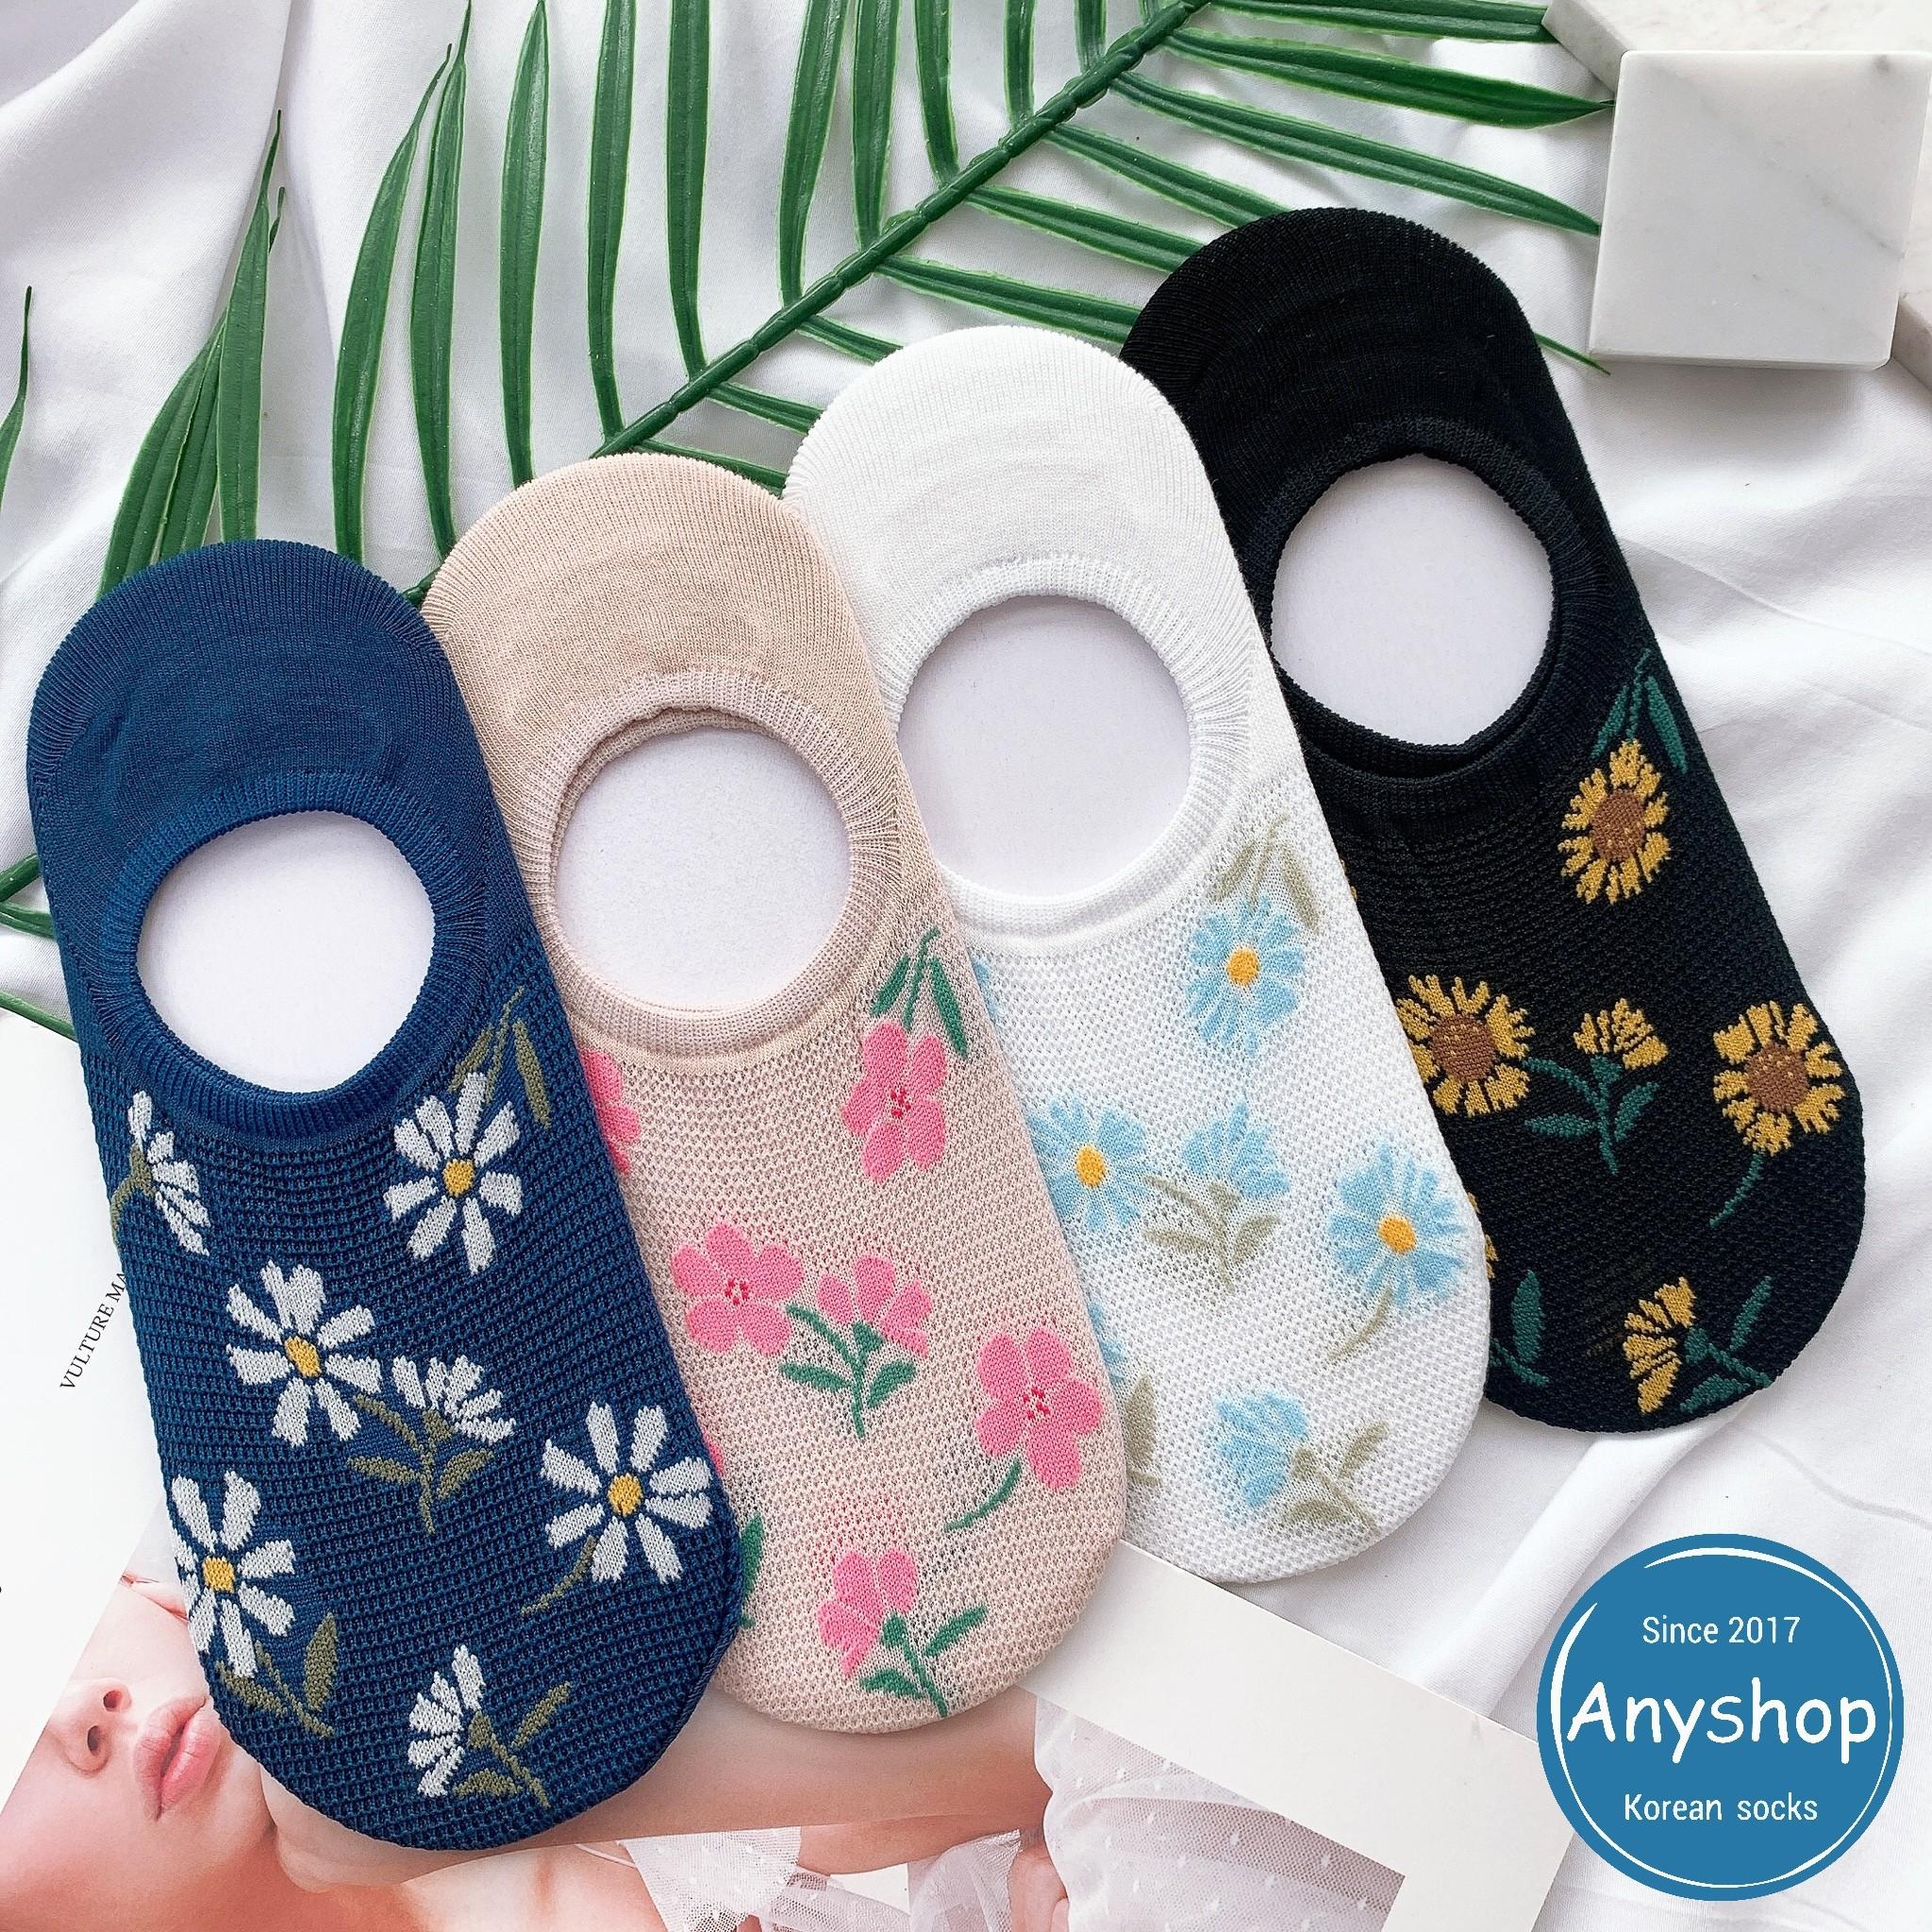 韓國襪-[Anyshop]繽紛花朵透膚船型襪